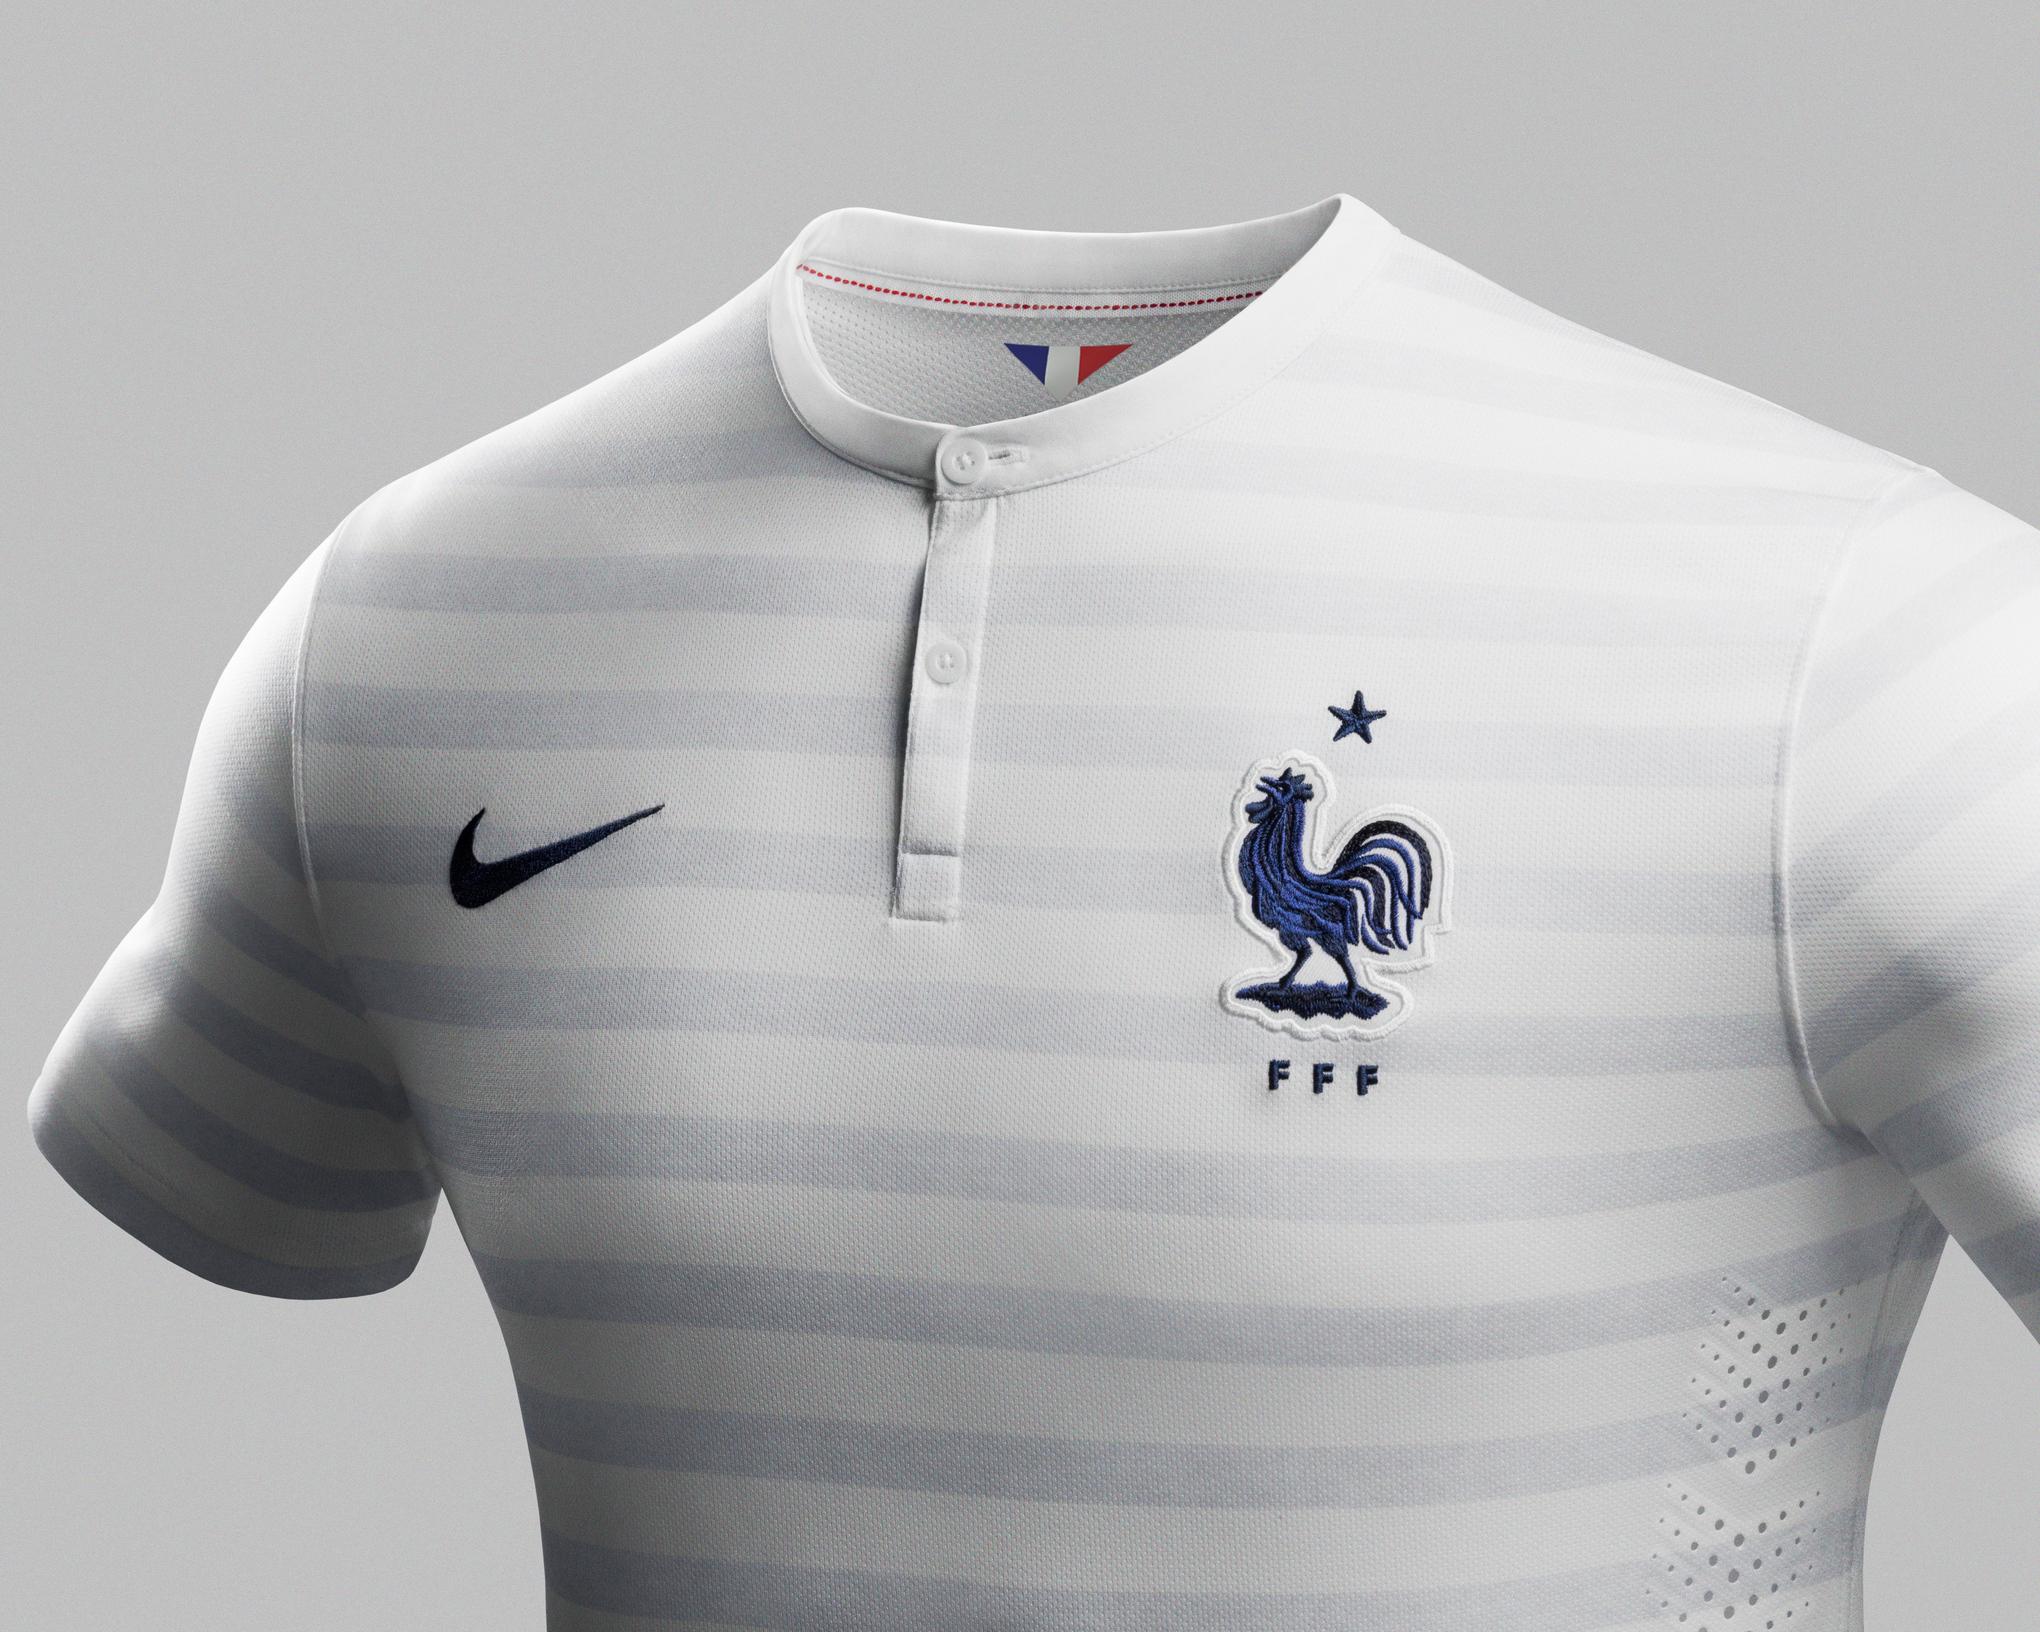 France_away_badgecollar_full_medres_revised_original_fr_hd_original__1__medium